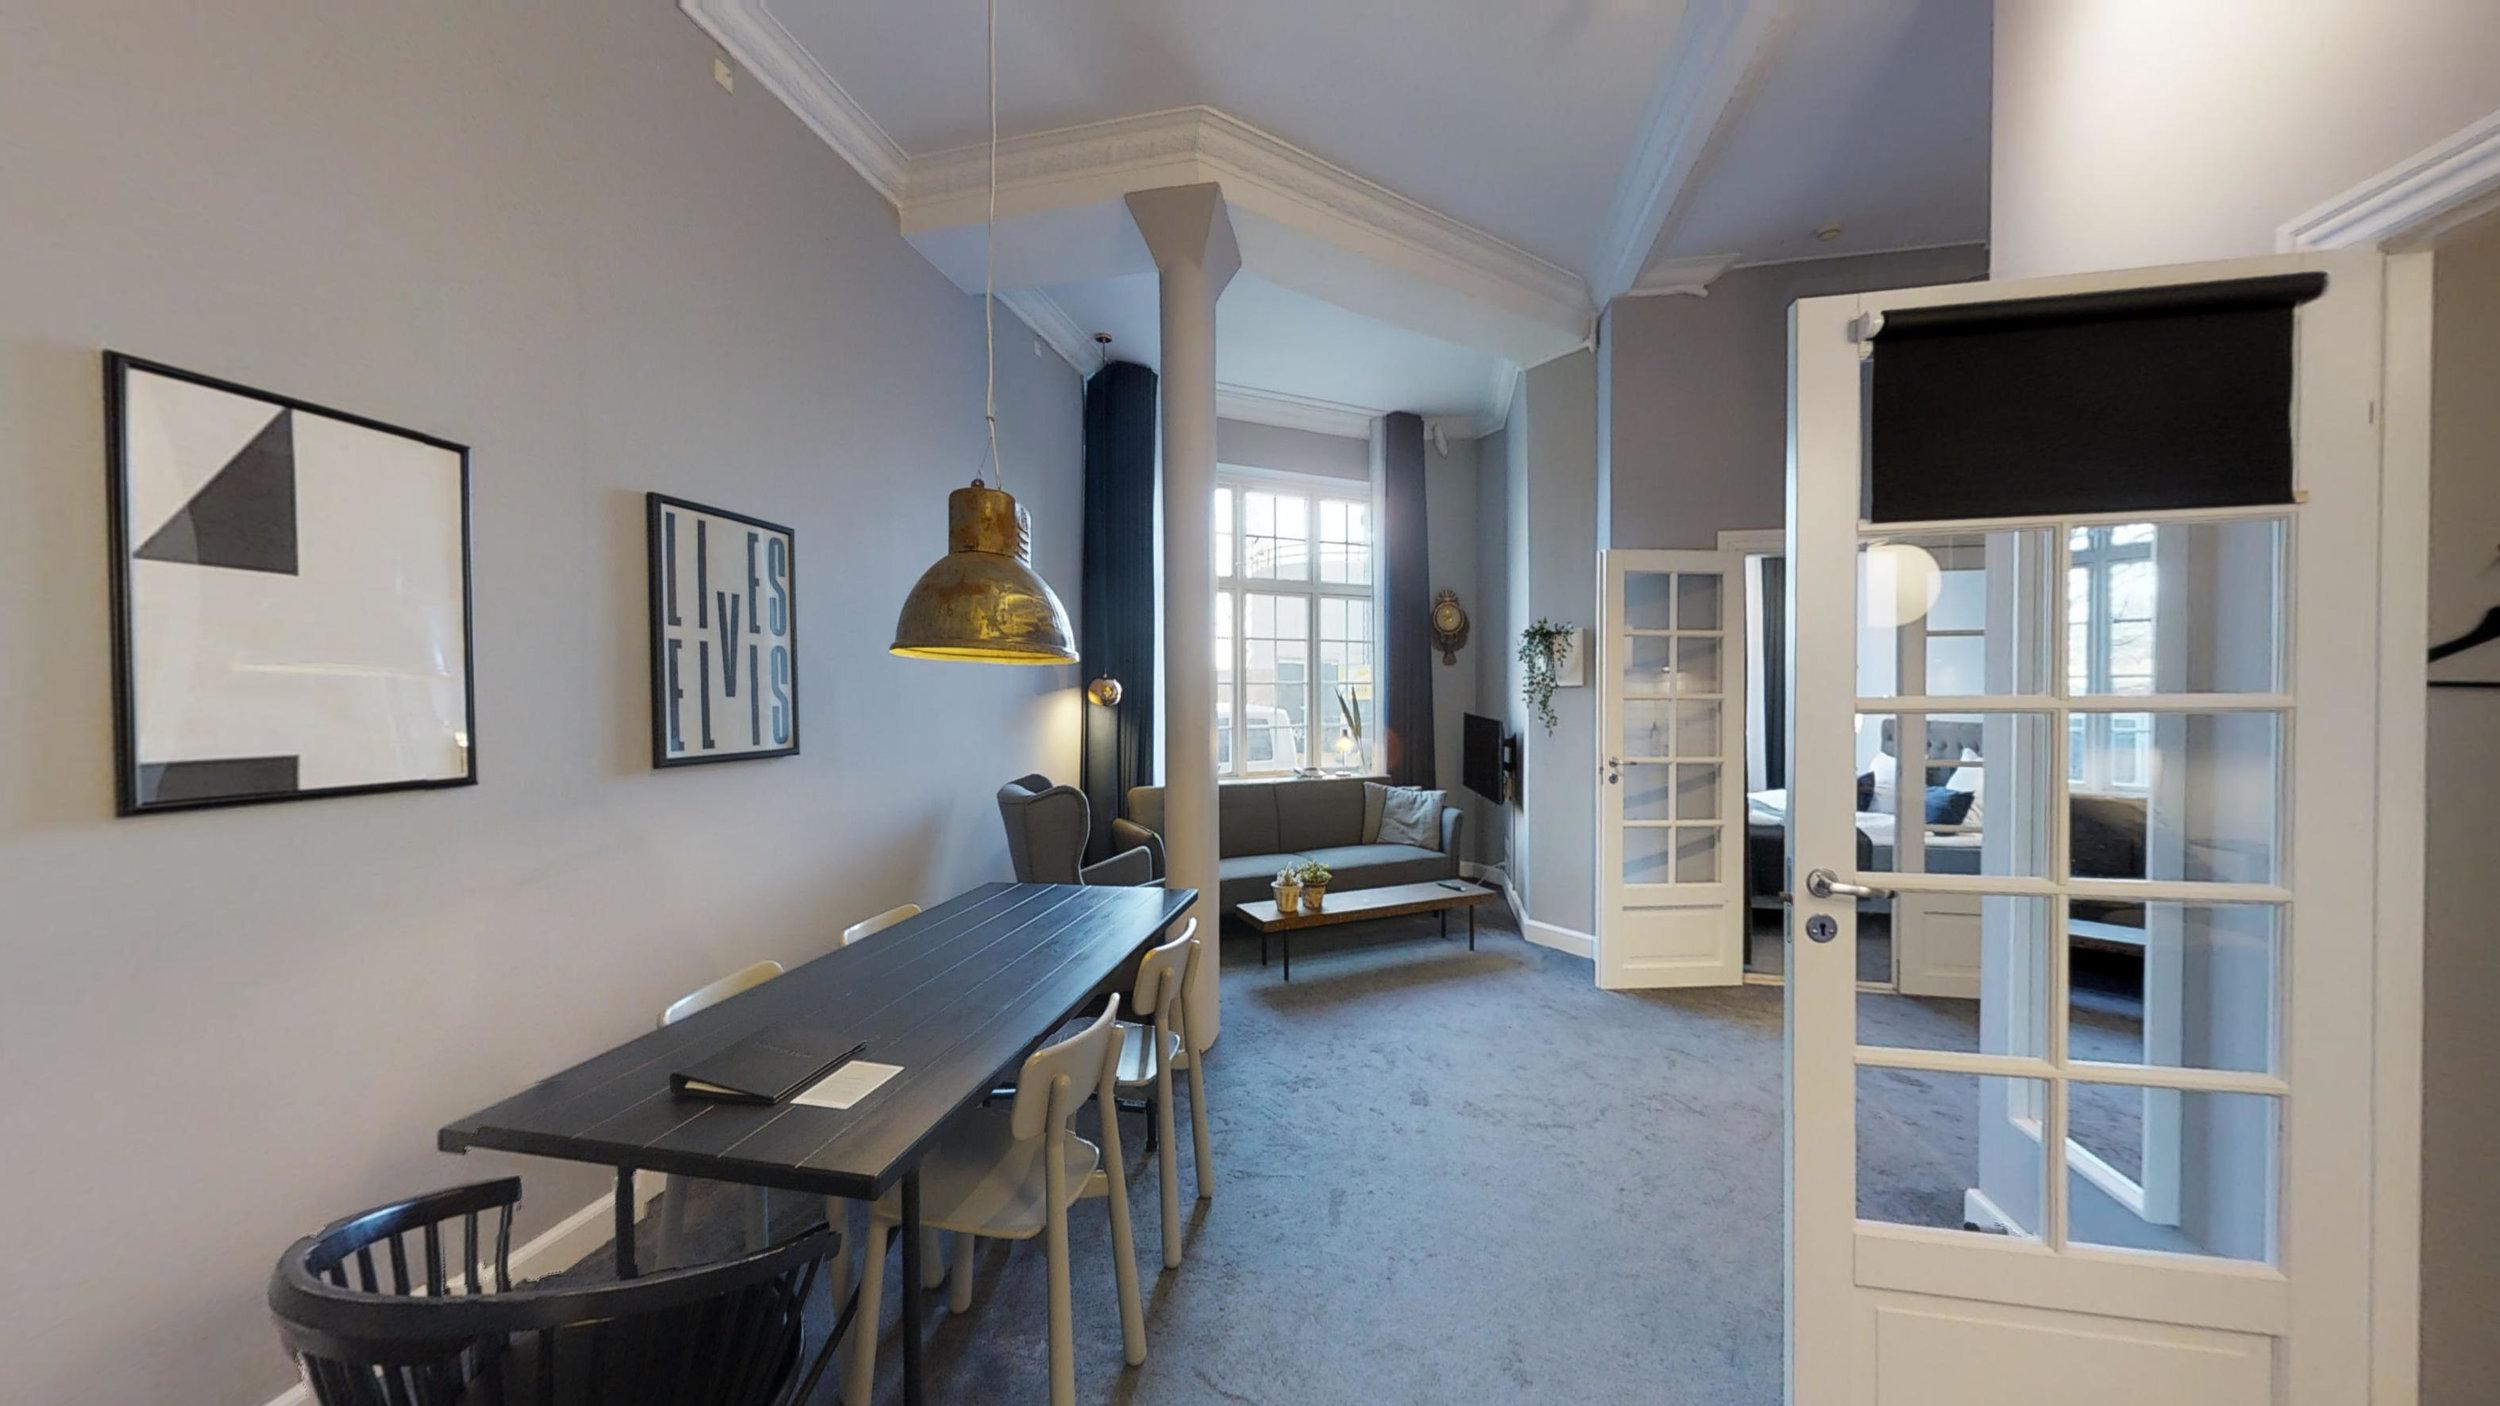 Hotellejlighed-pa-Esplanaden-01152019_105457.jpg